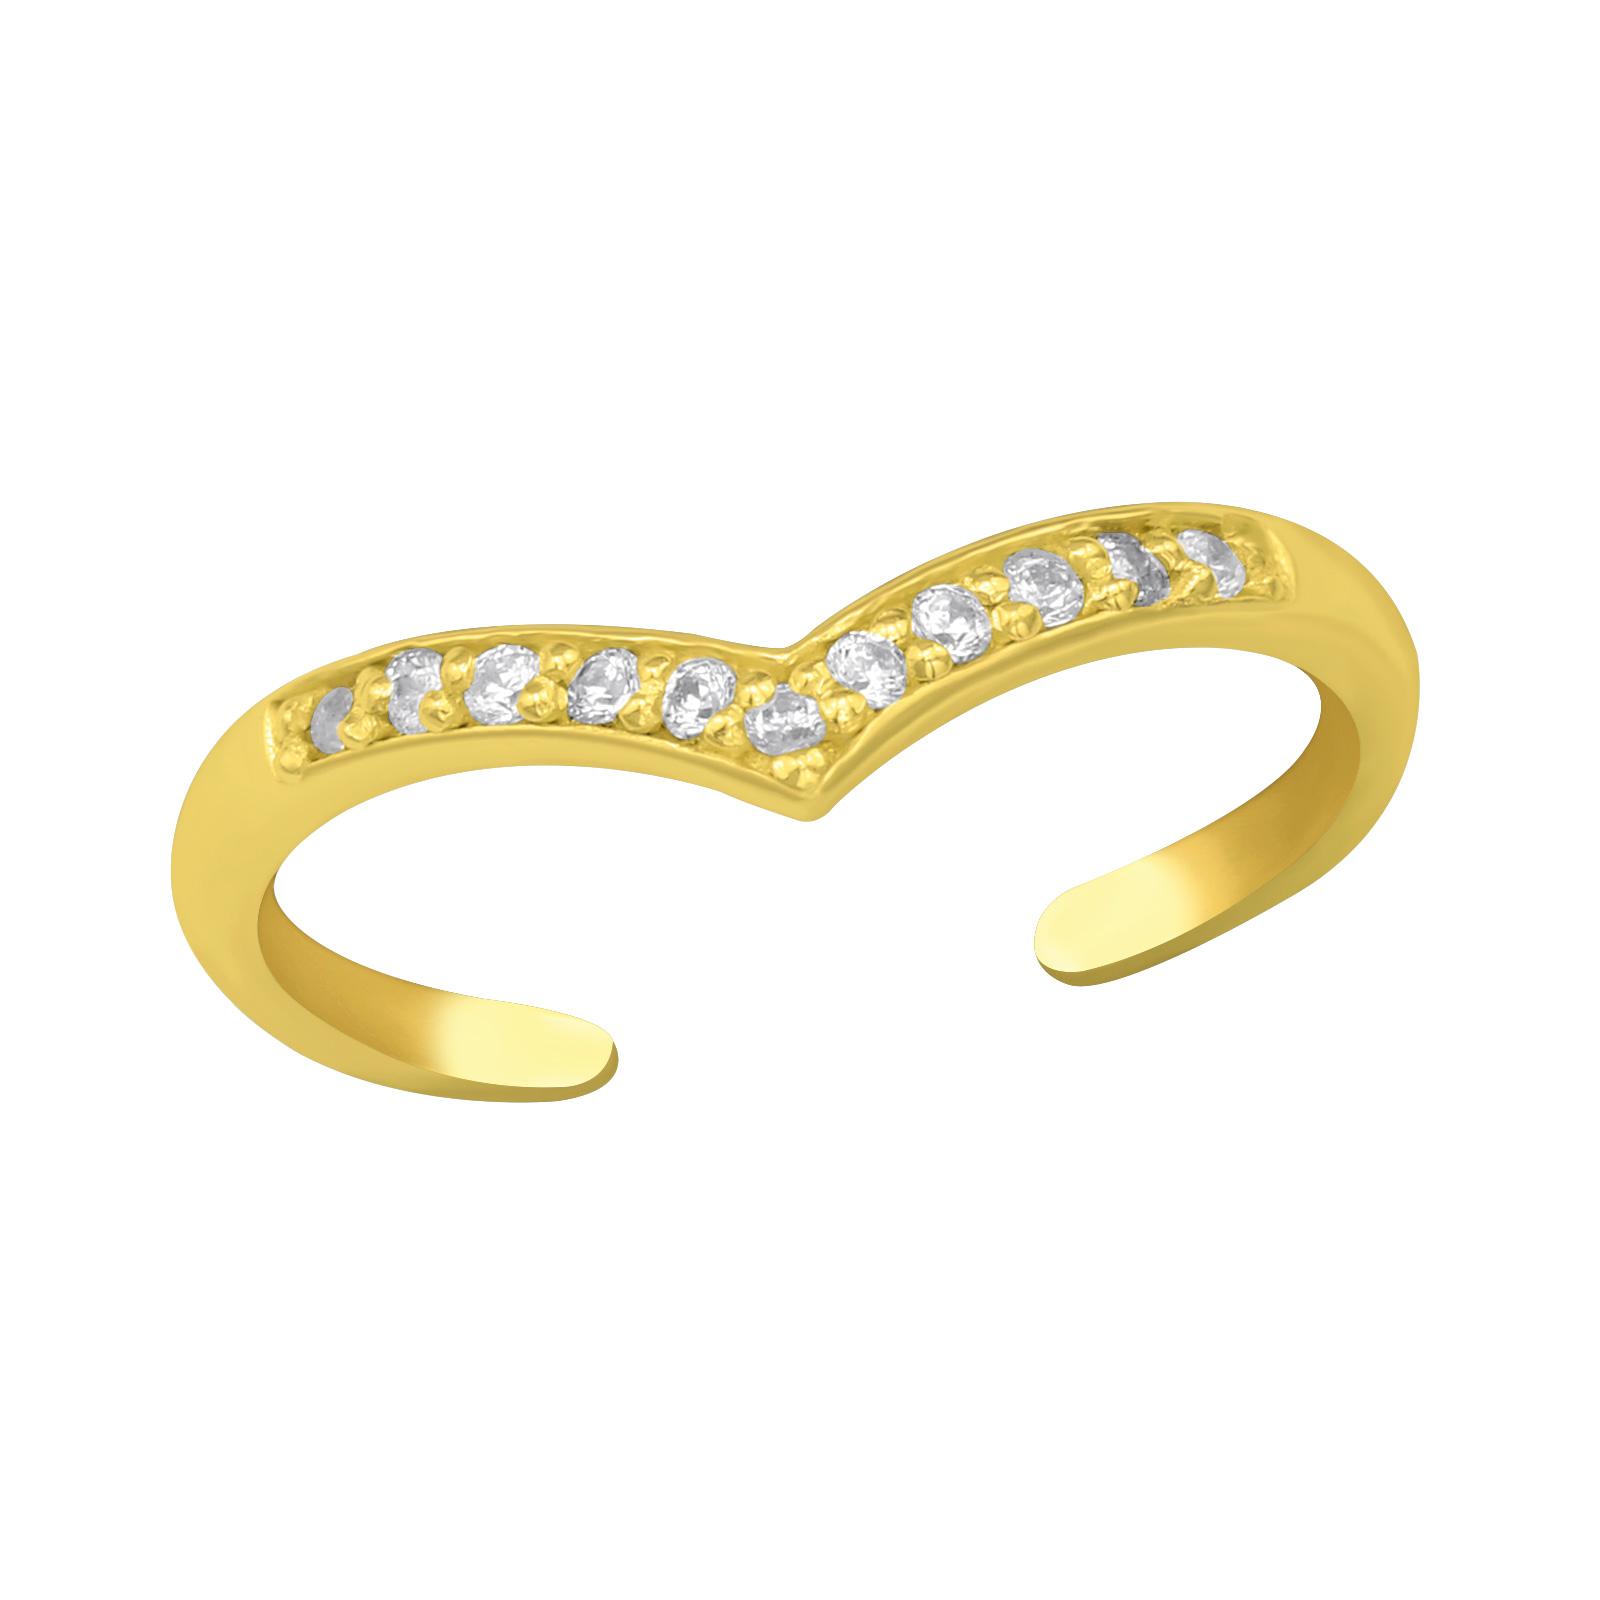 OLIVIE Strieborný prsteň na nohu GOLD 4010 Ag 925; ≤0,65 g.